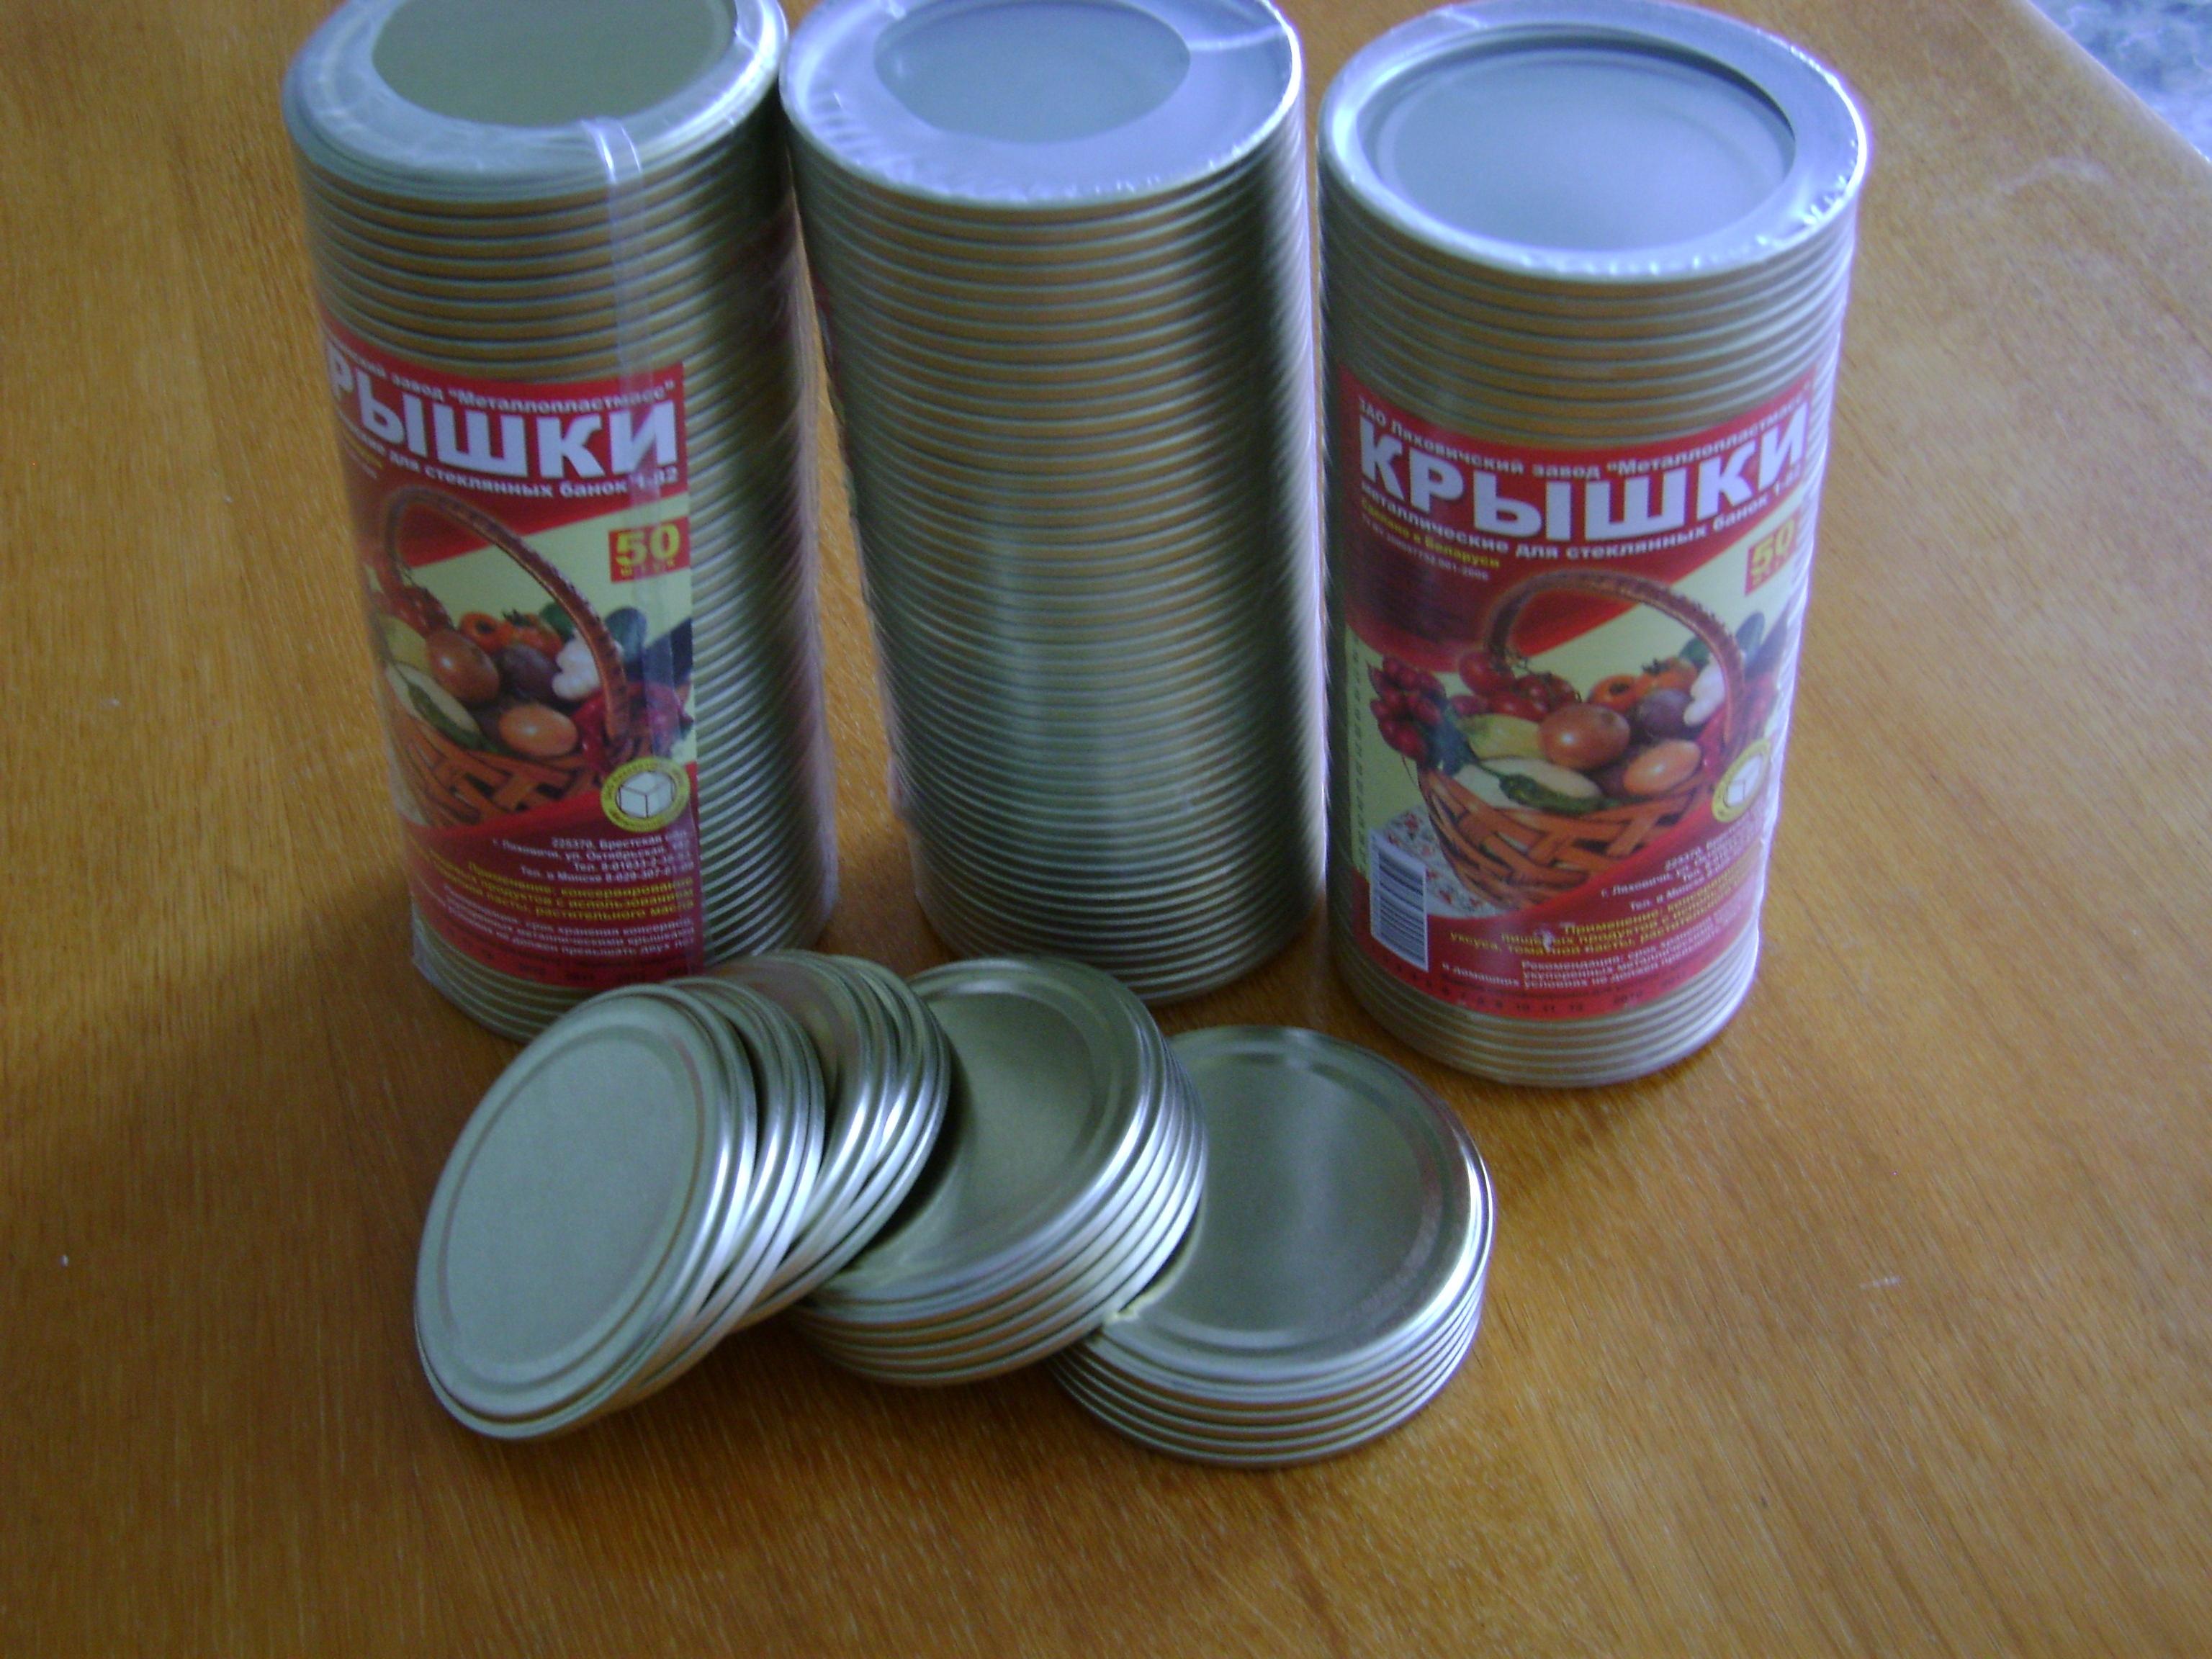 Крышки металлические для укупоривания стеклянных банок